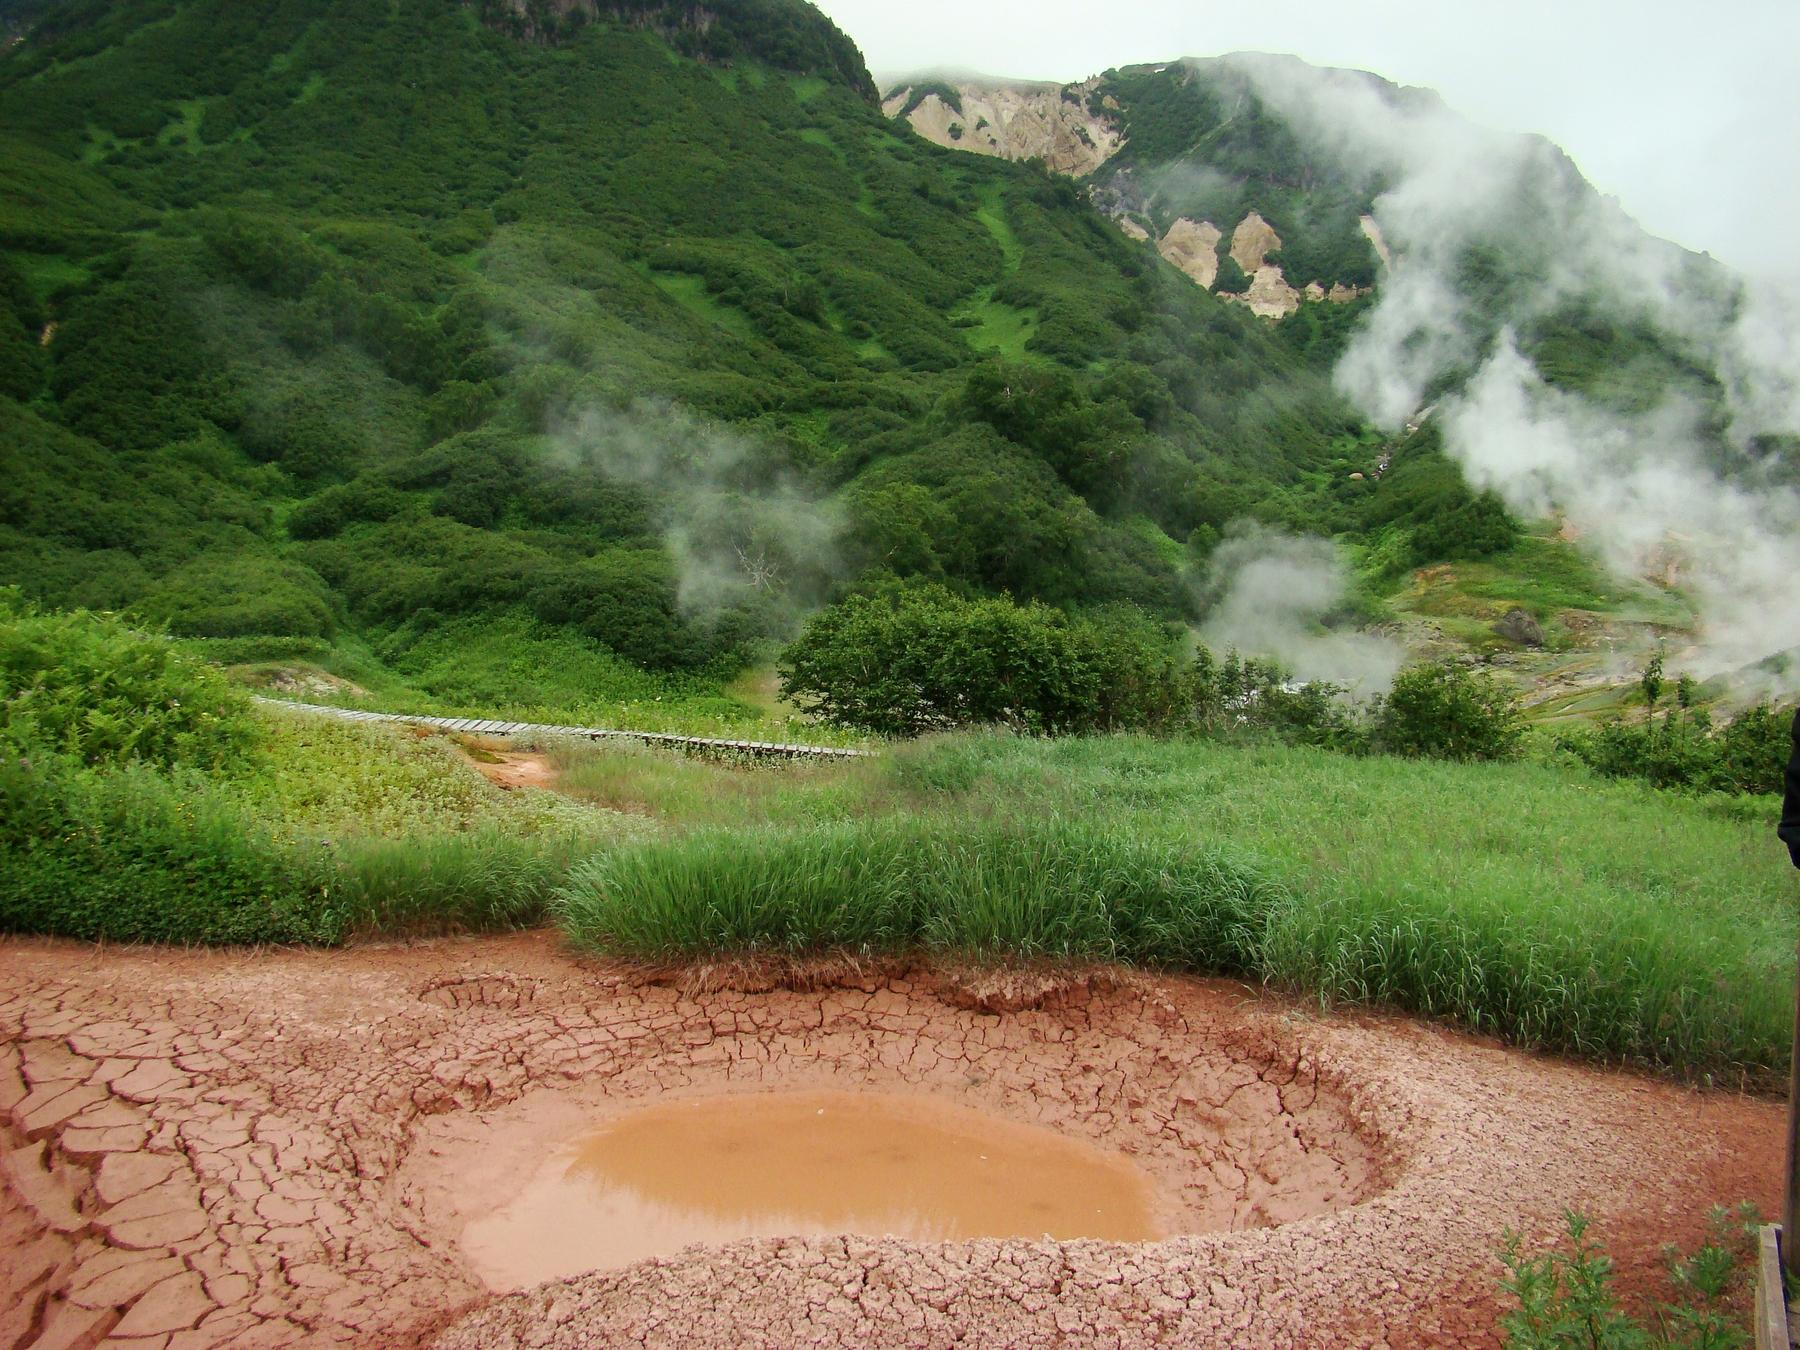 Вулканы и гейзеры Камчатки. Минеральный курорт Паратунка на Дальнем Востоке